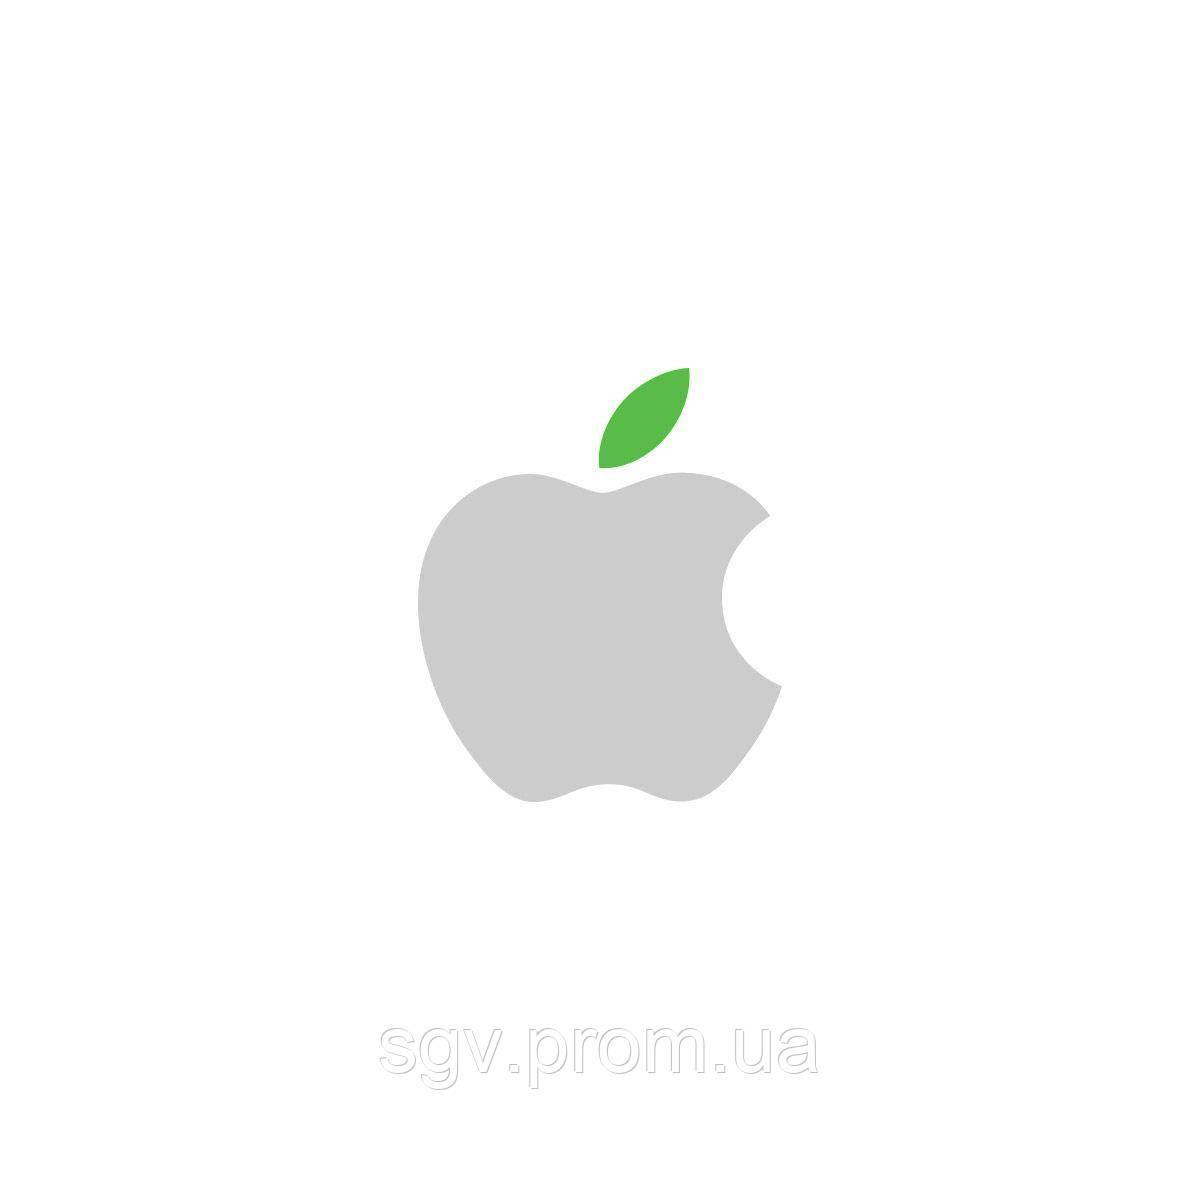 Apple выпустила обновление для старых iPhone